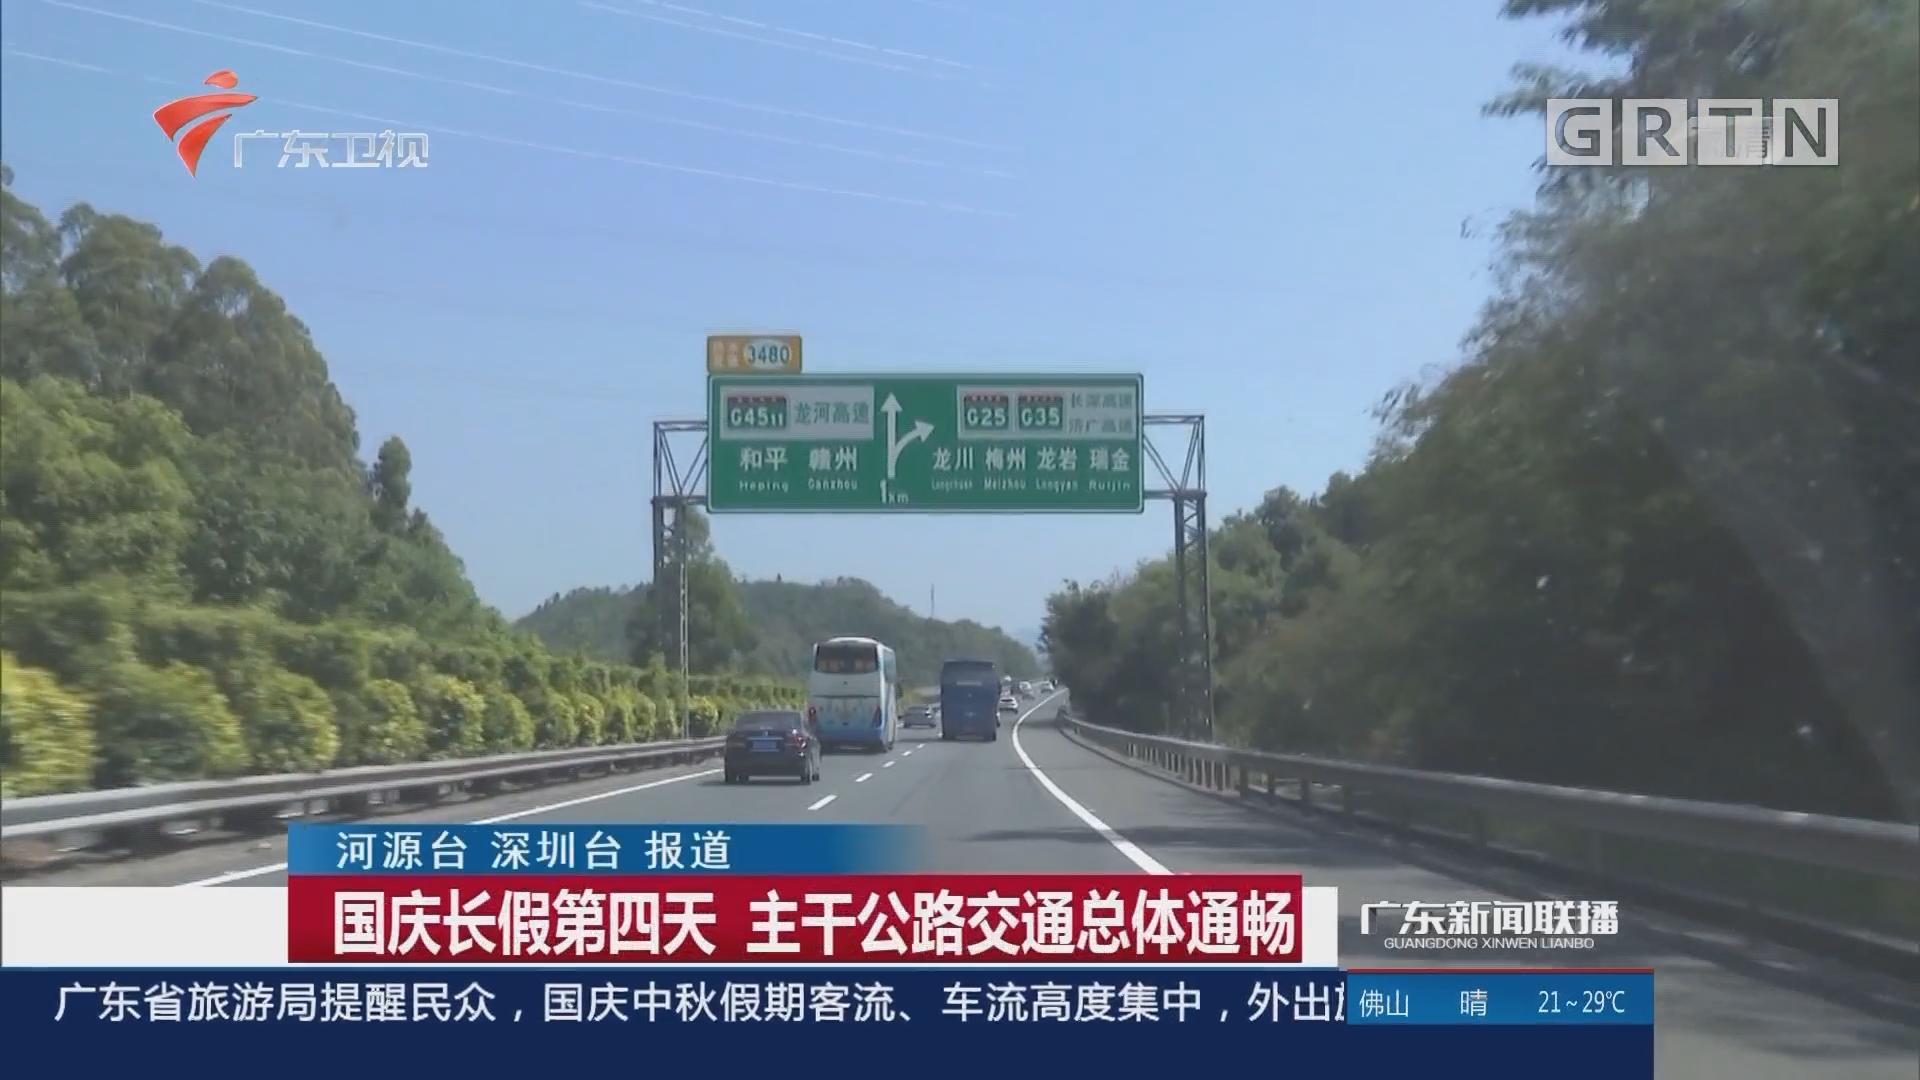 国庆长假第四天 主干公路交通总体通畅